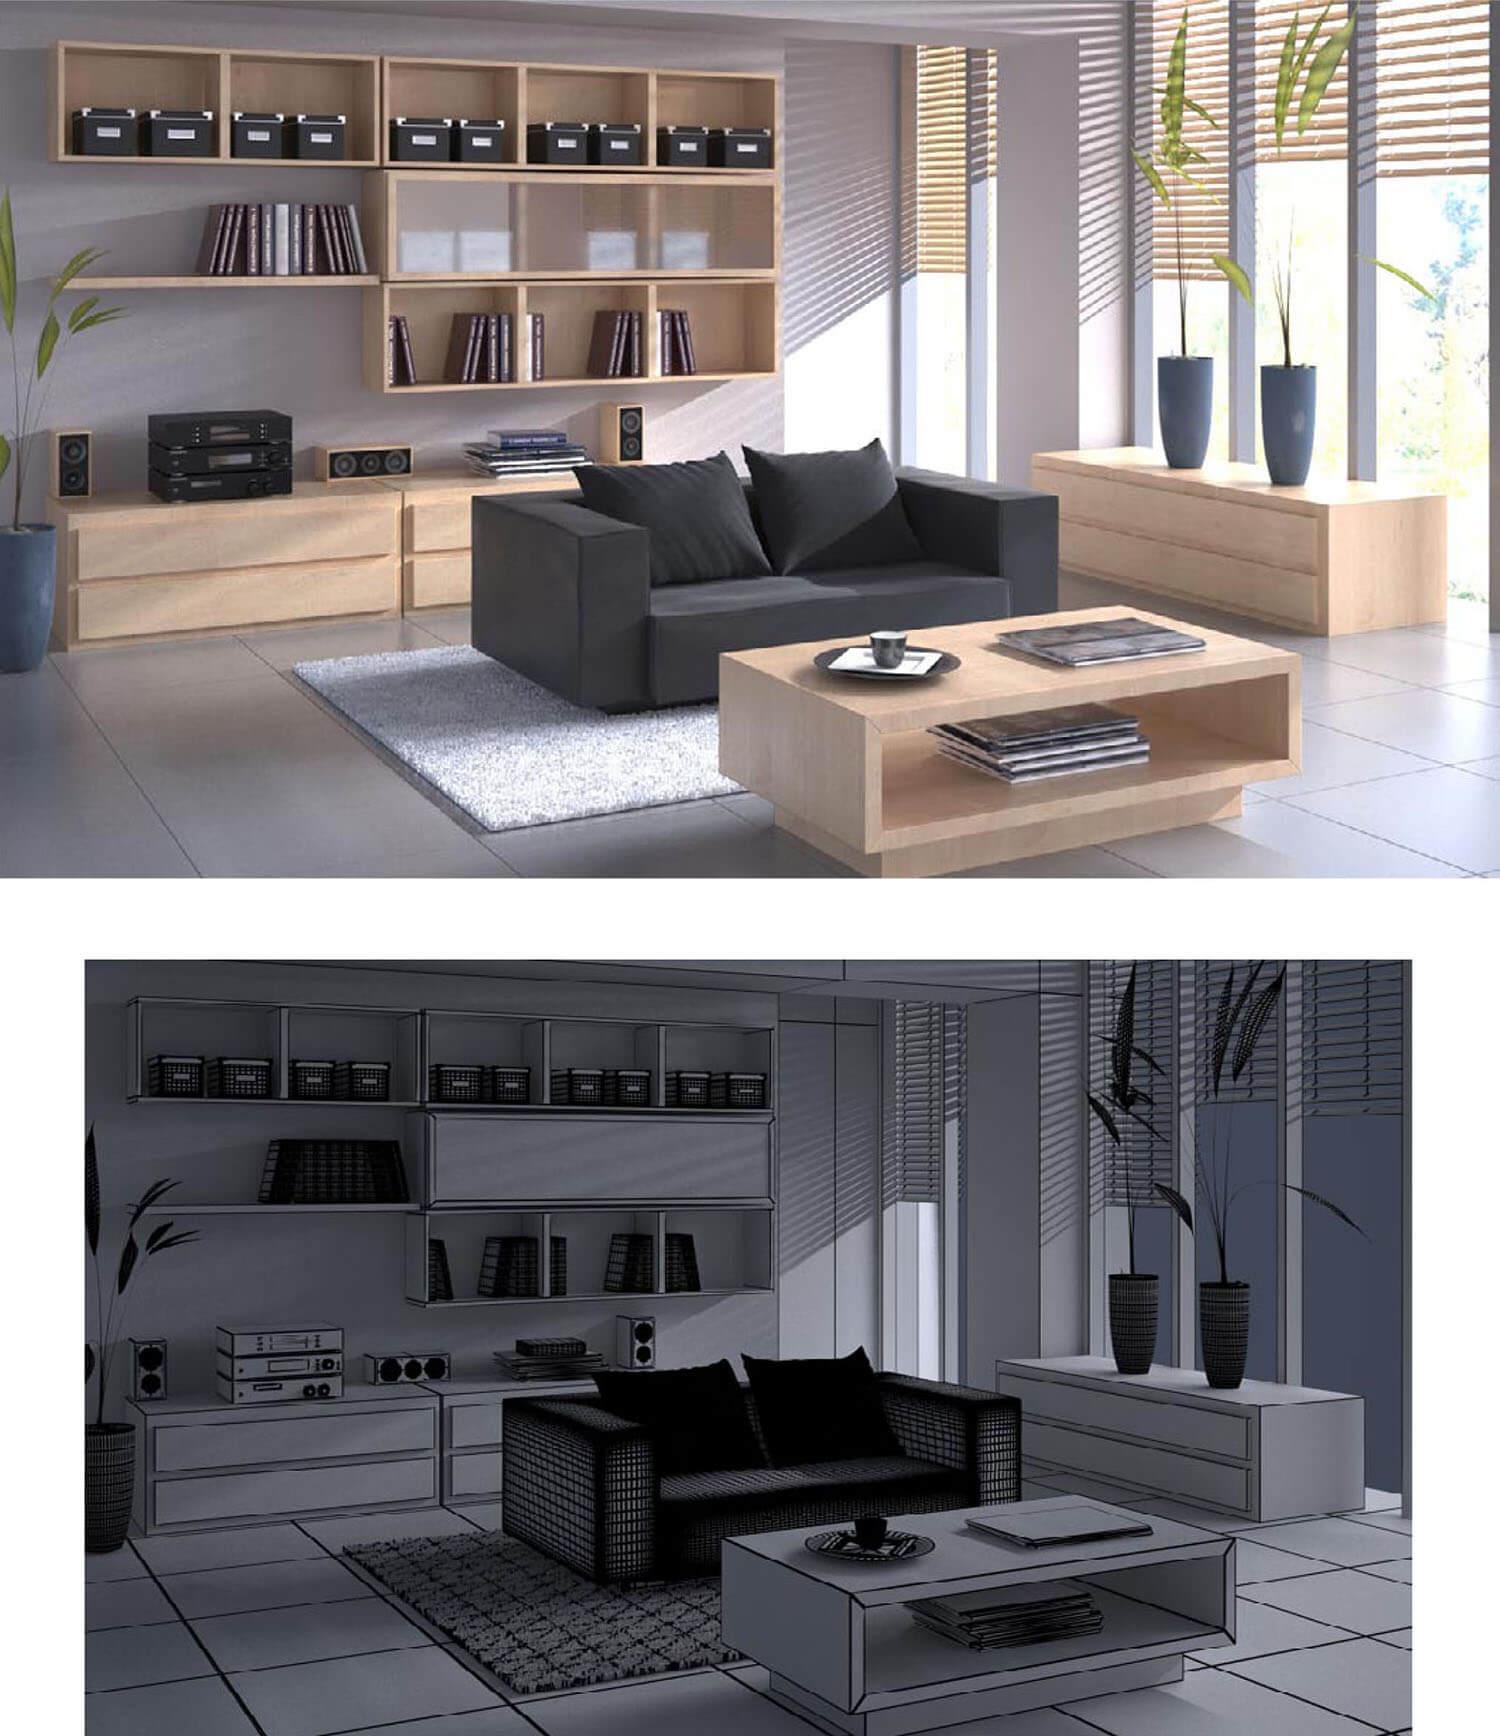 Không gian phòng khách với các hộc tủ gỗ vuông treo tường đồng bộ với bàn